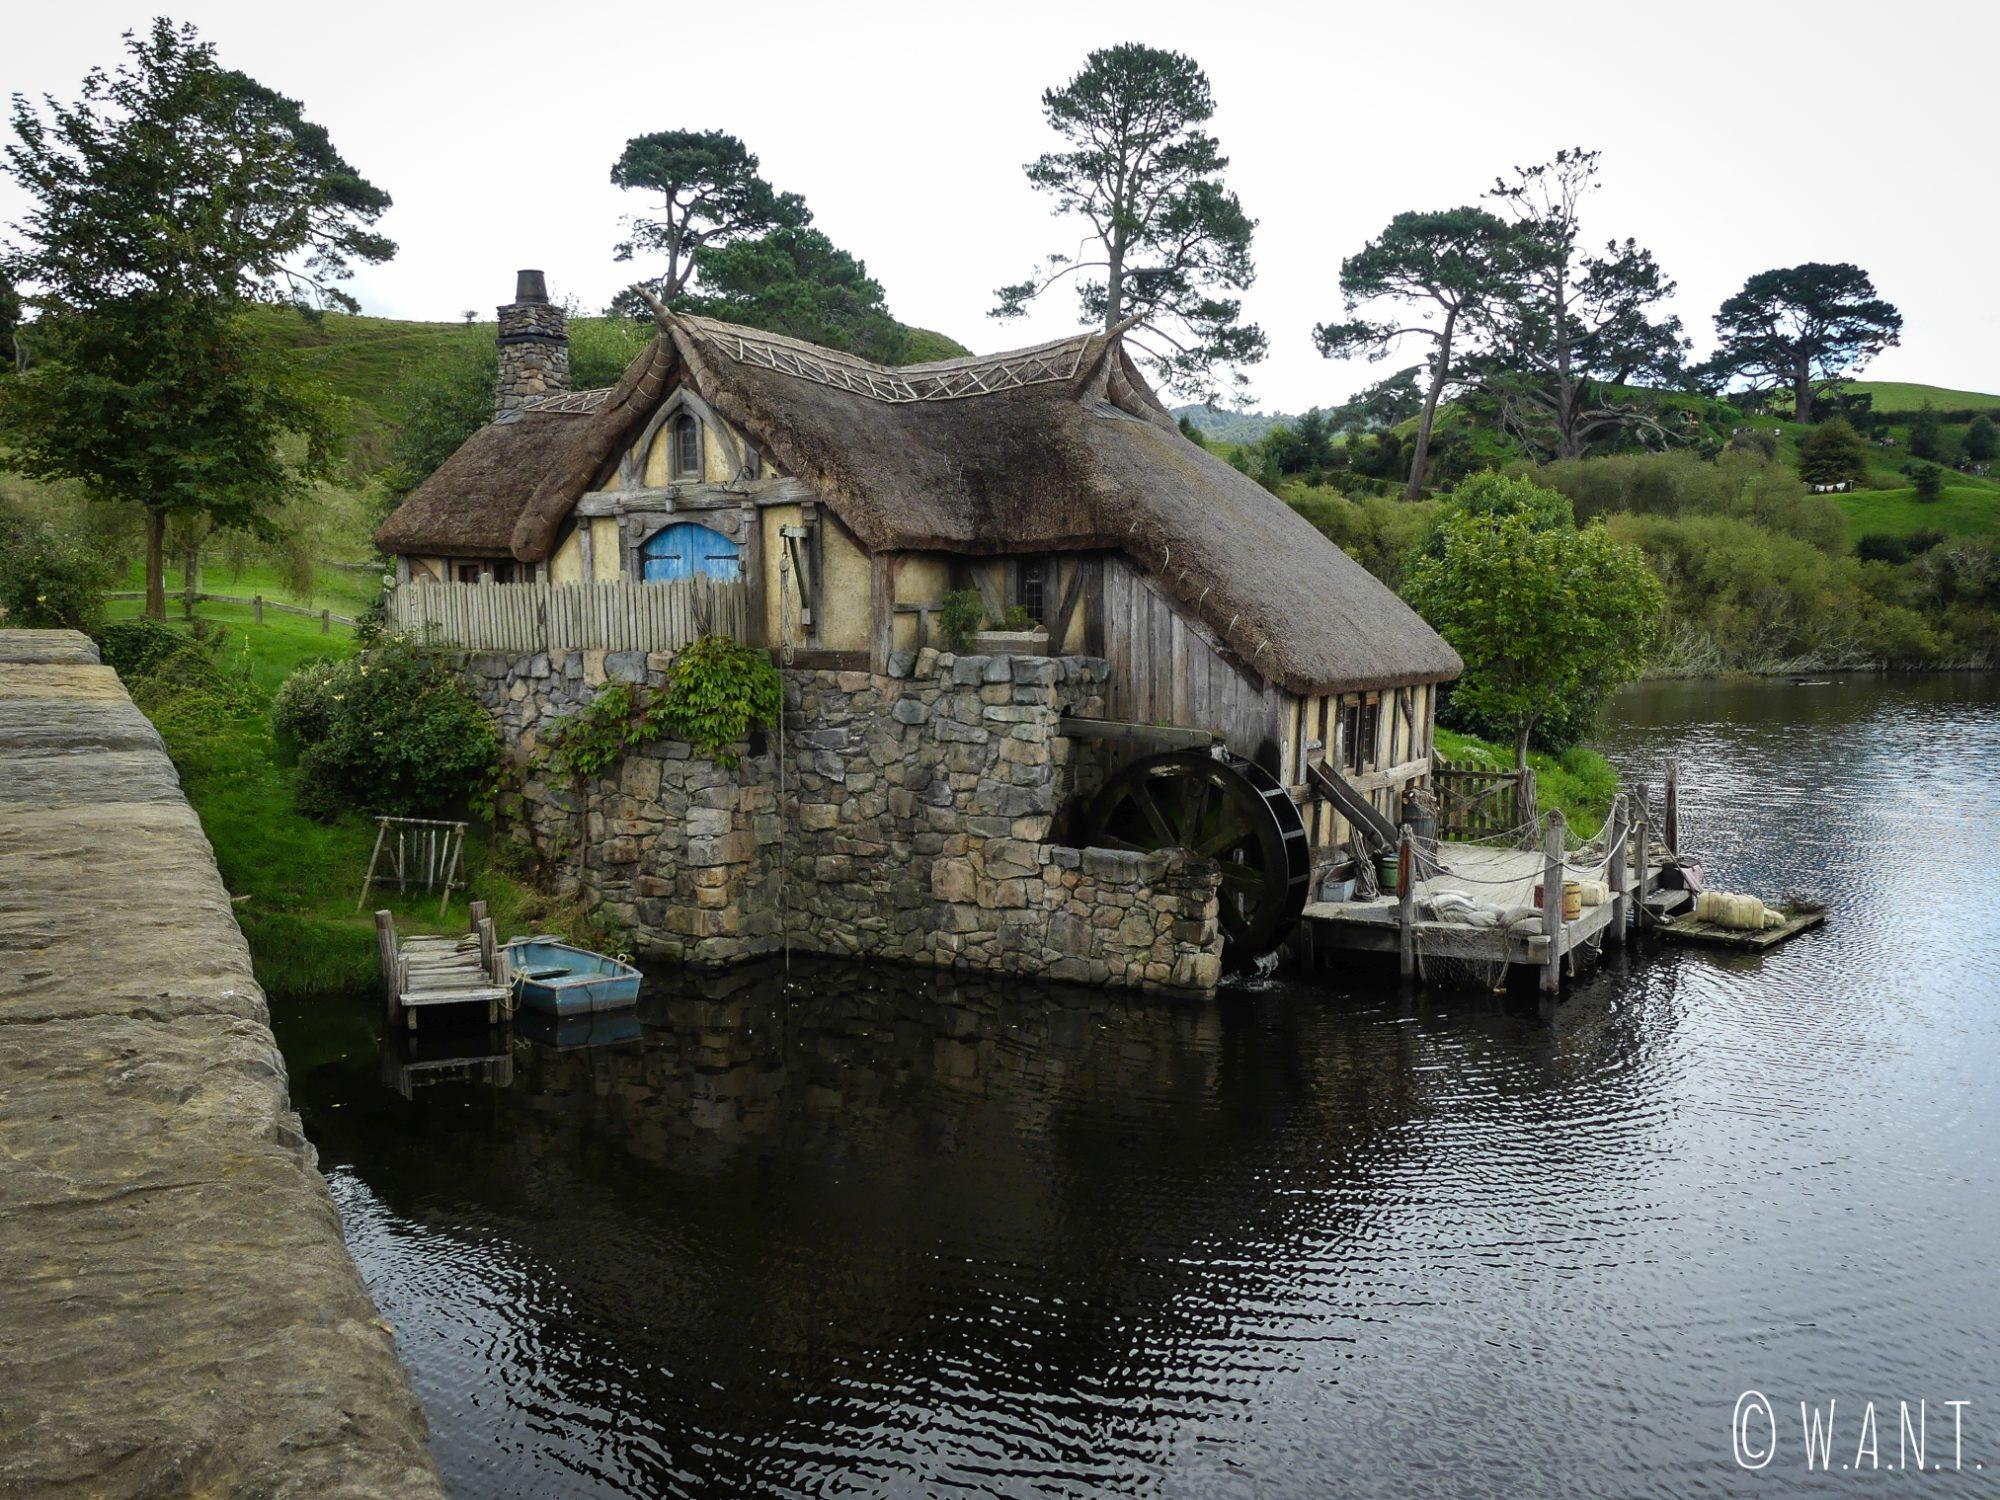 Maison sur le lac à Hobbiton en Nouvelle-Zélande